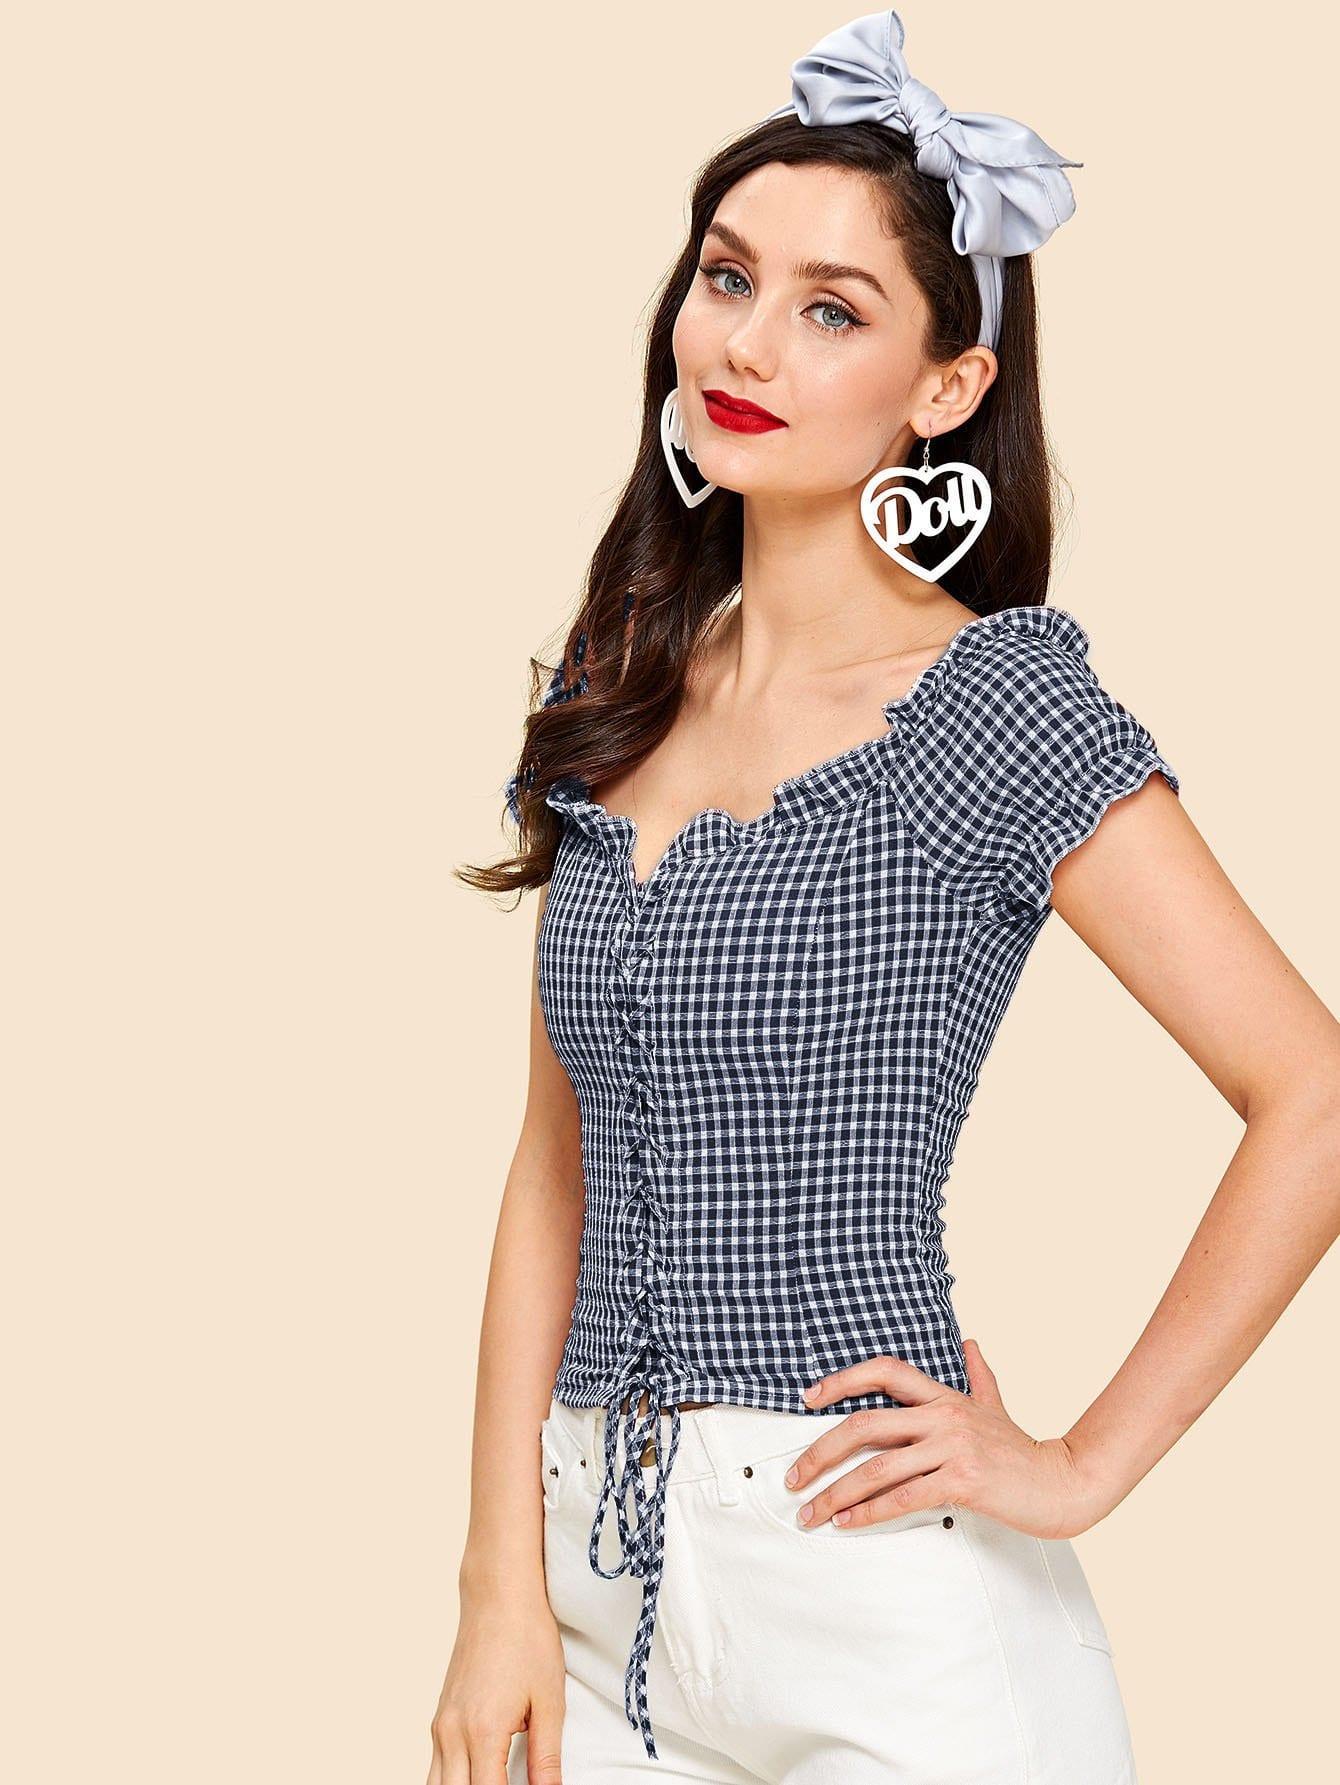 Купить Зашнуруйте переднюю оборванную блузку Гингама, Julie H., SheIn